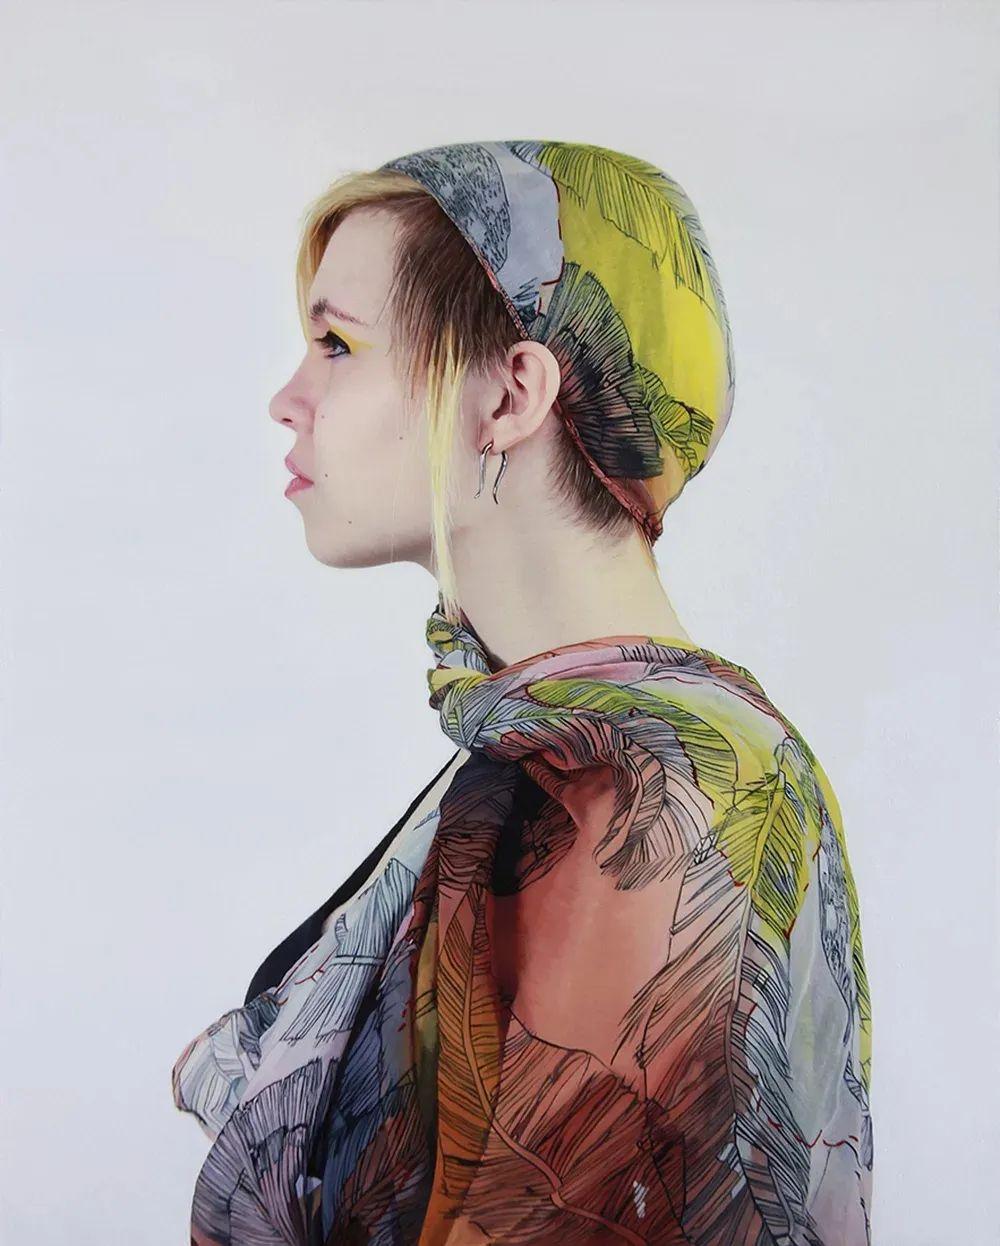 美国画家戴维·艾肯伯格的超写实油画插图15